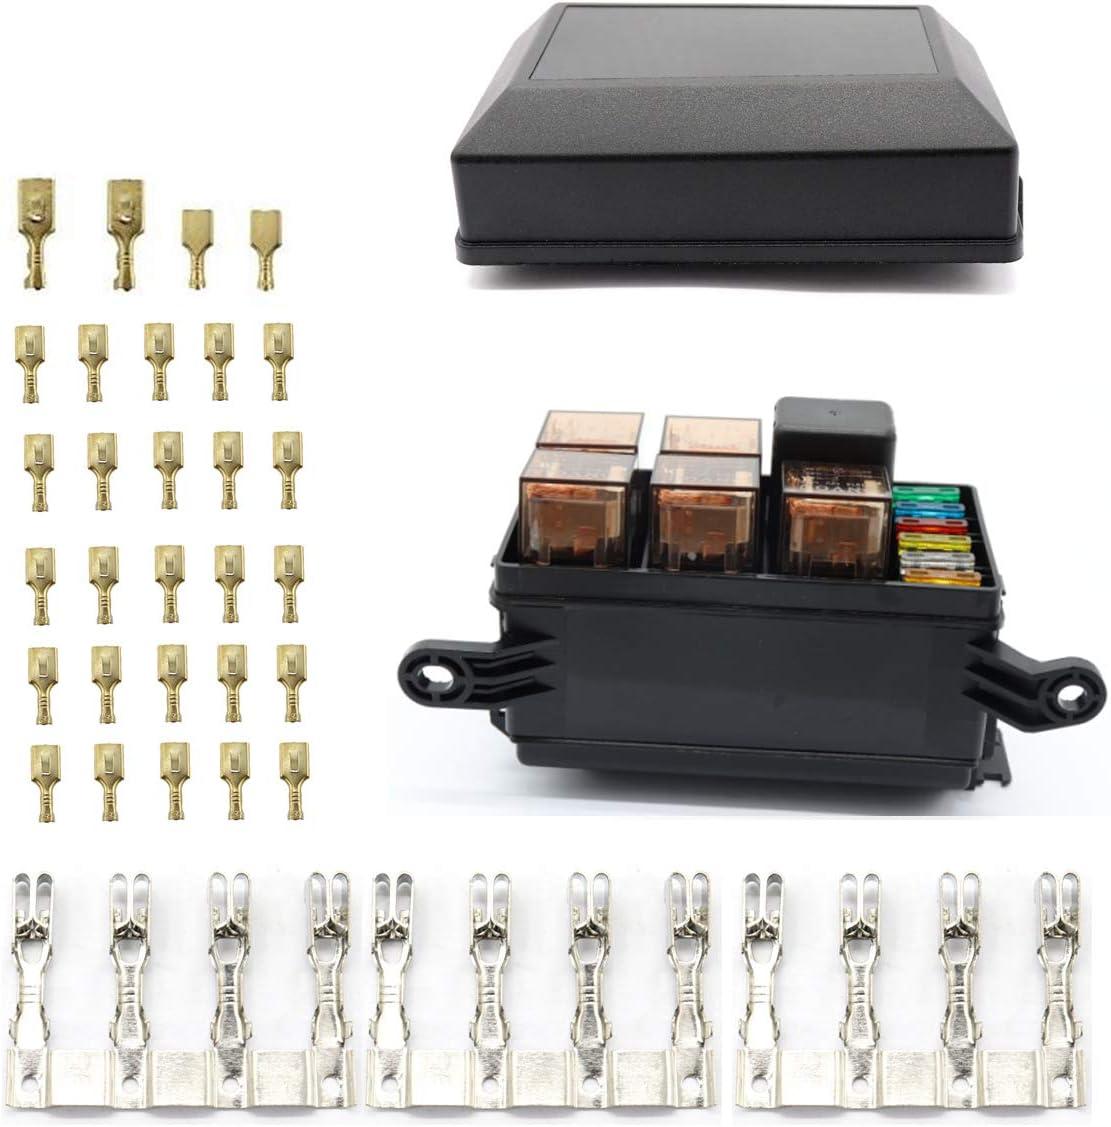 Vosarea Caja portafusibles de 6 vías y 12 voltios con relés 5PCS 5Pin 12V 40A y relés 1PC 4Pin 12V 40A para remolque de camión de carro (negro): Amazon.es: Bricolaje y herramientas